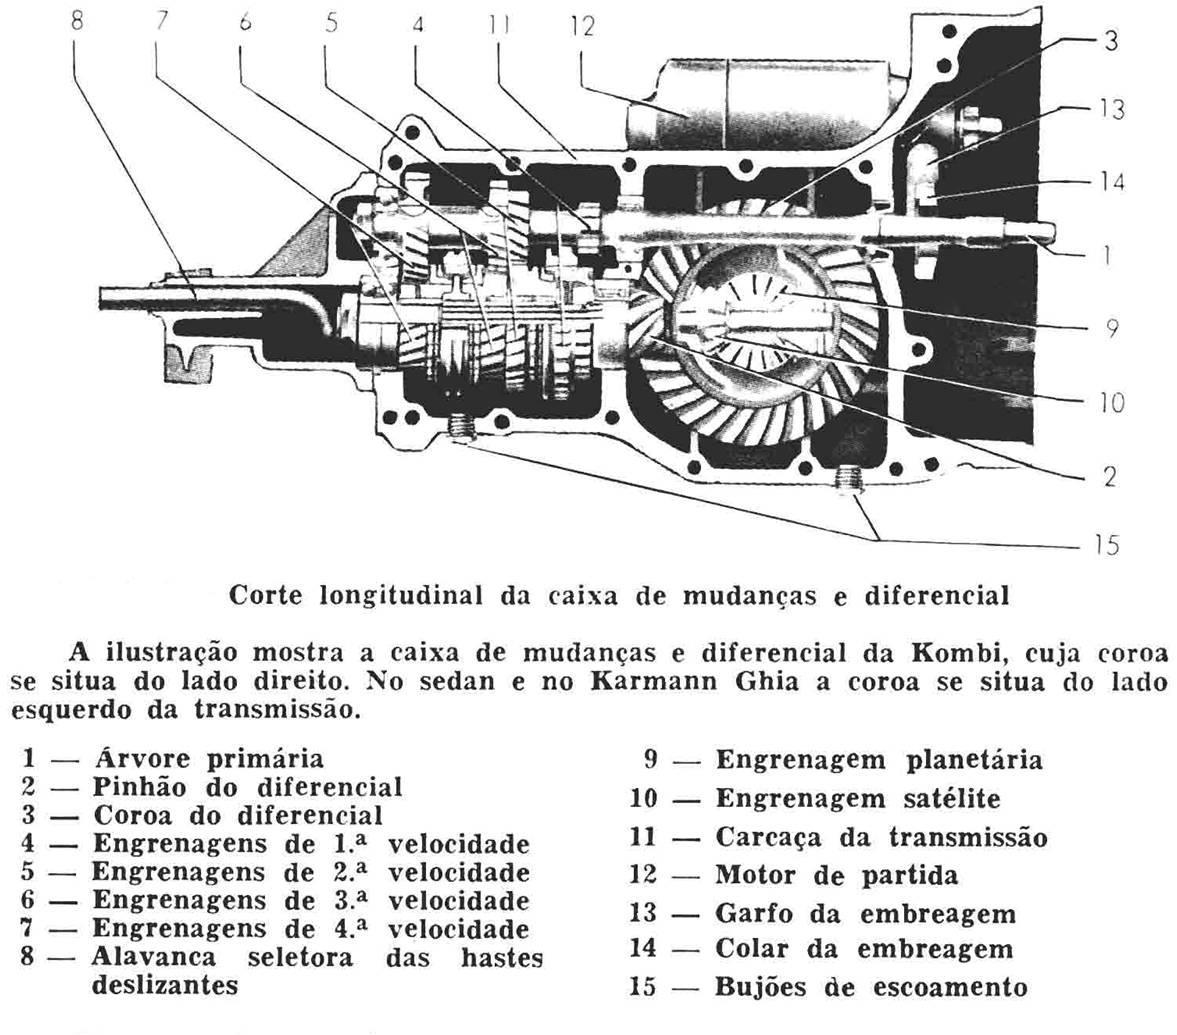 caixa-de-mudancas-e-diferencial